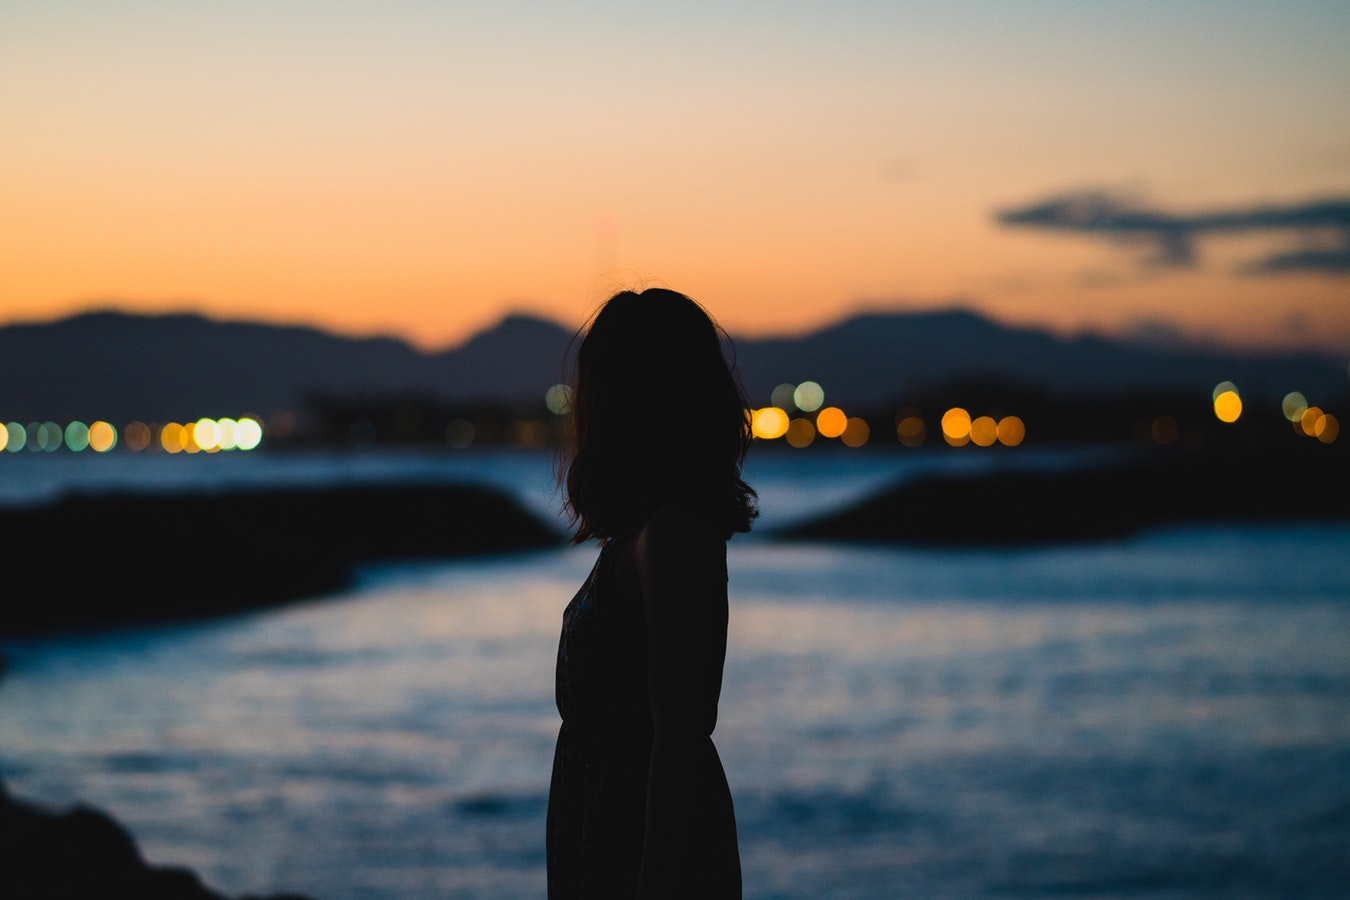 Hình ảnh độc thân buồn, cô đơn 01